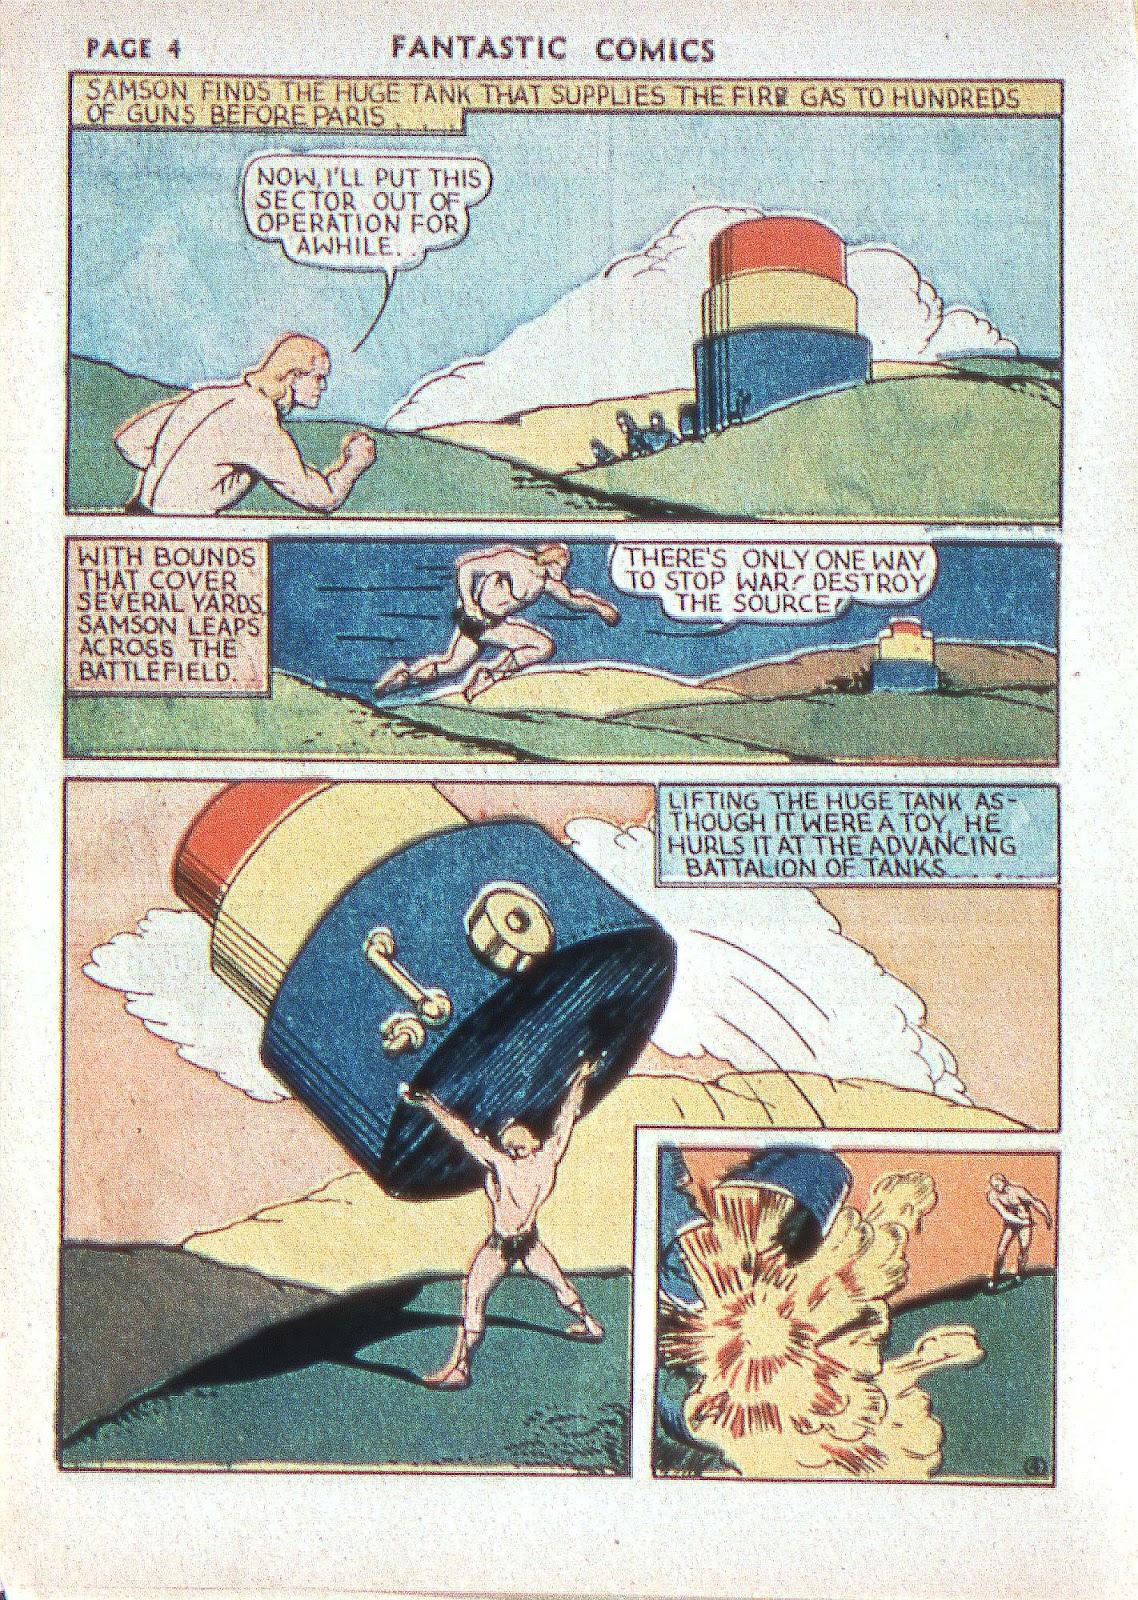 Read online Fantastic Comics comic -  Issue #2 - 6